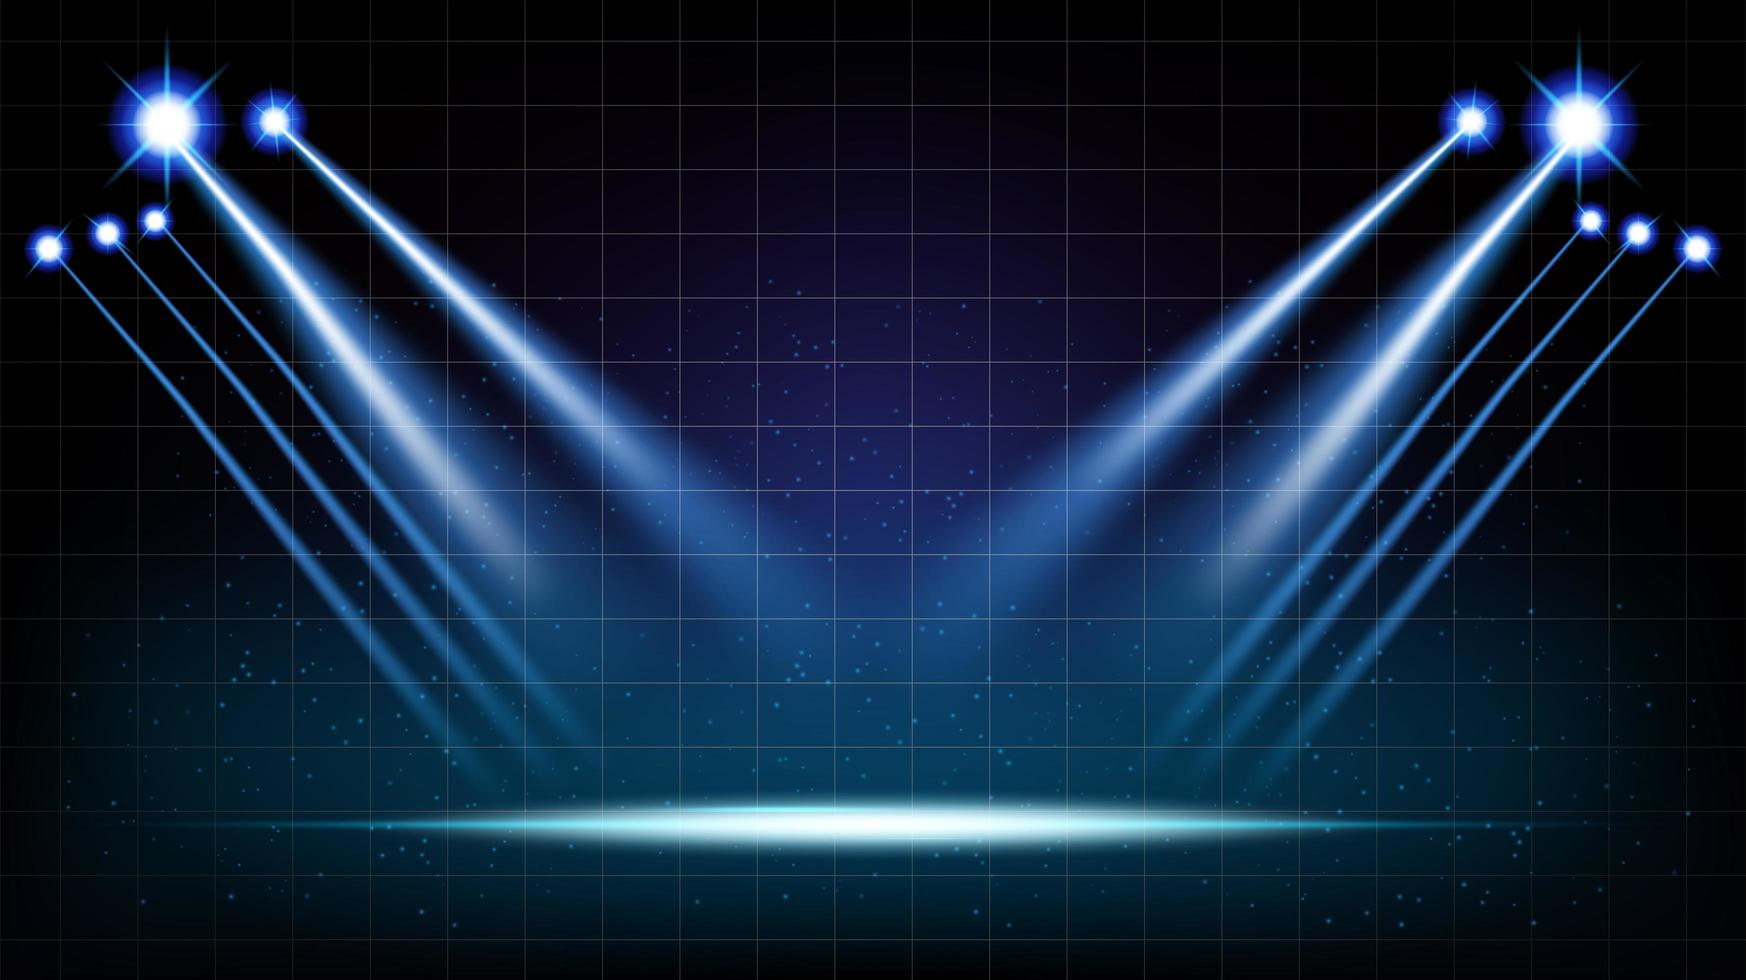 abstracte achtergrond podiumzaal met schilderachtige lichten vector